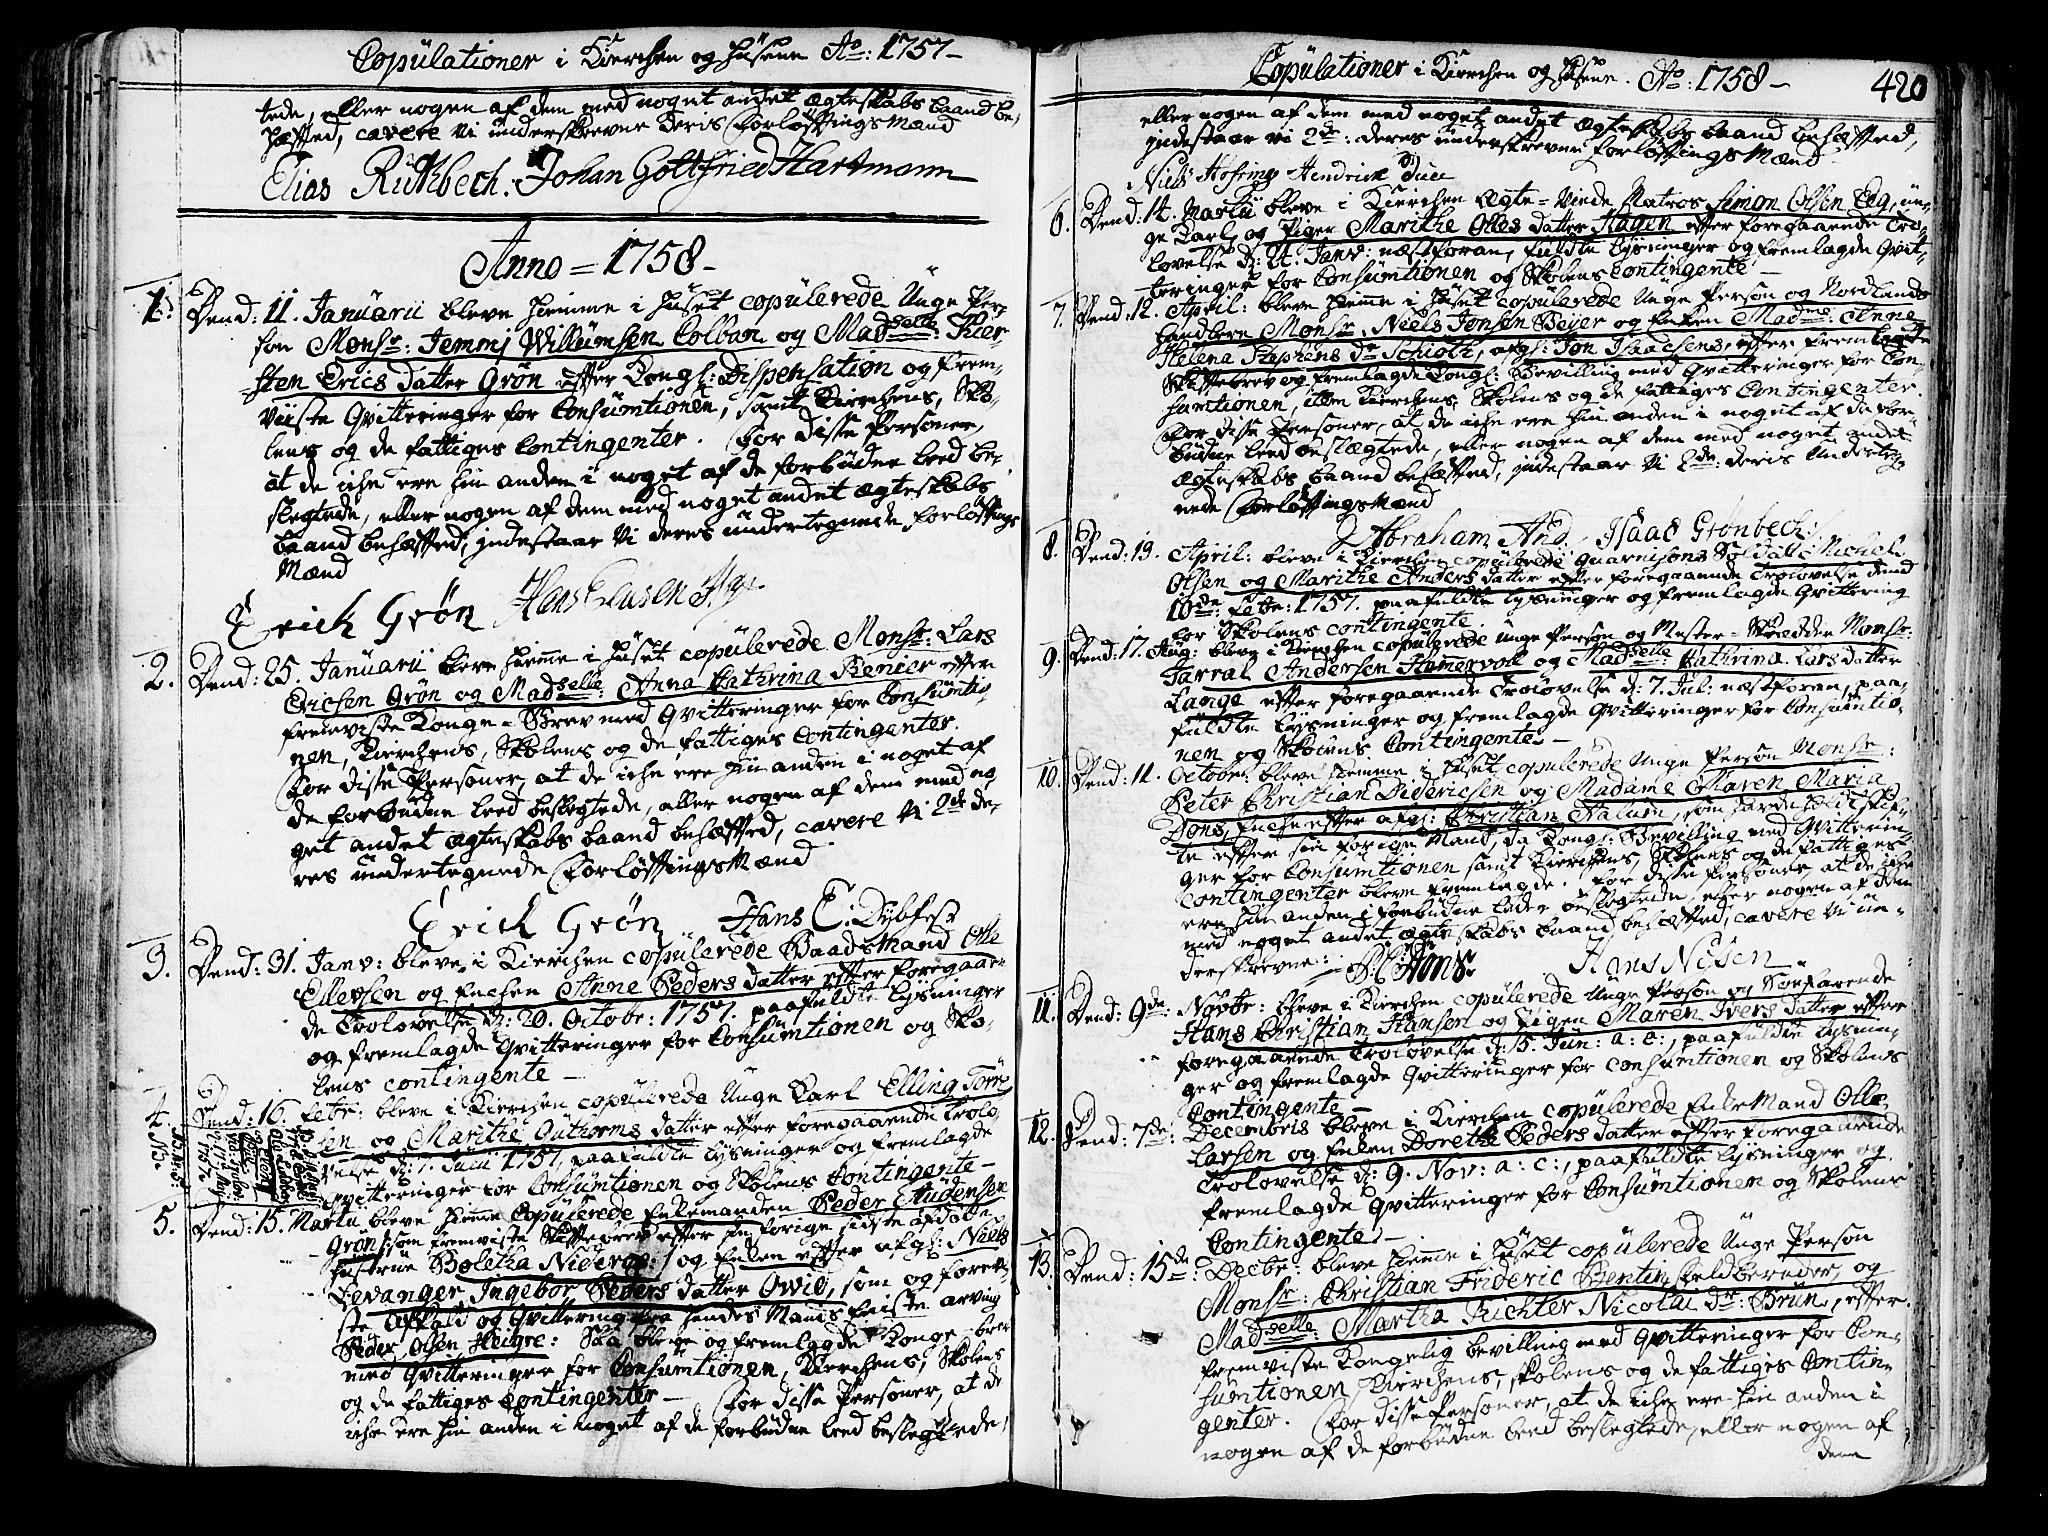 SAT, Ministerialprotokoller, klokkerbøker og fødselsregistre - Sør-Trøndelag, 602/L0103: Ministerialbok nr. 602A01, 1732-1774, s. 420